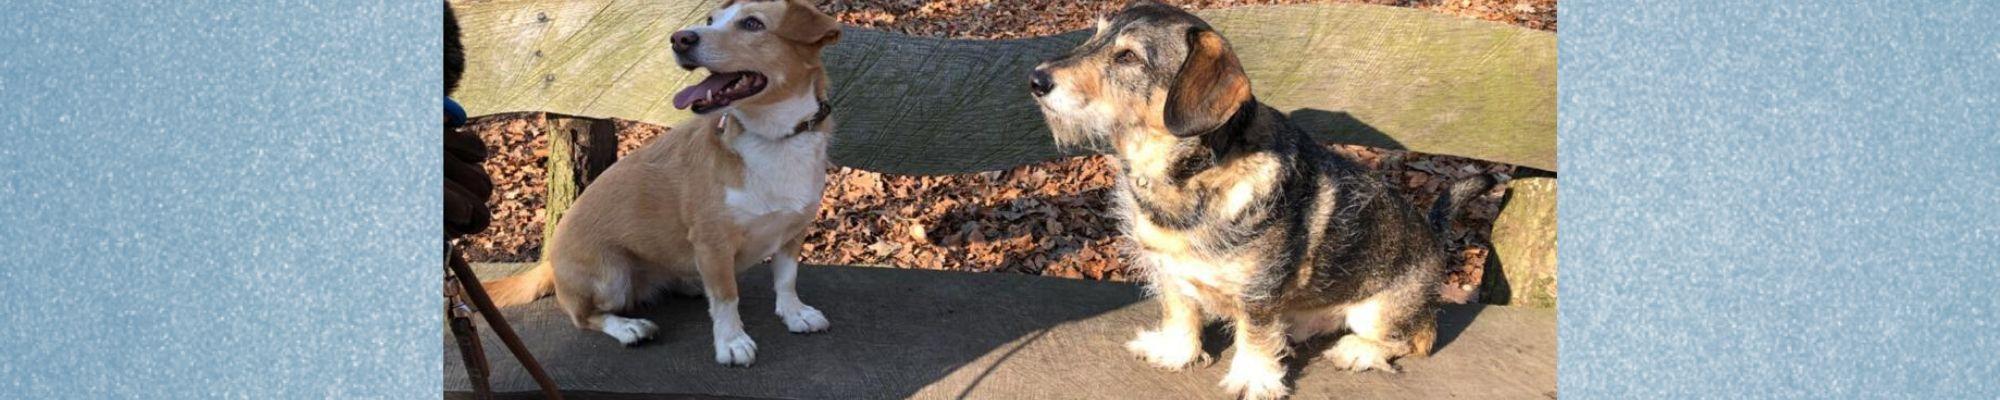 Testimonial zum Hundetraining